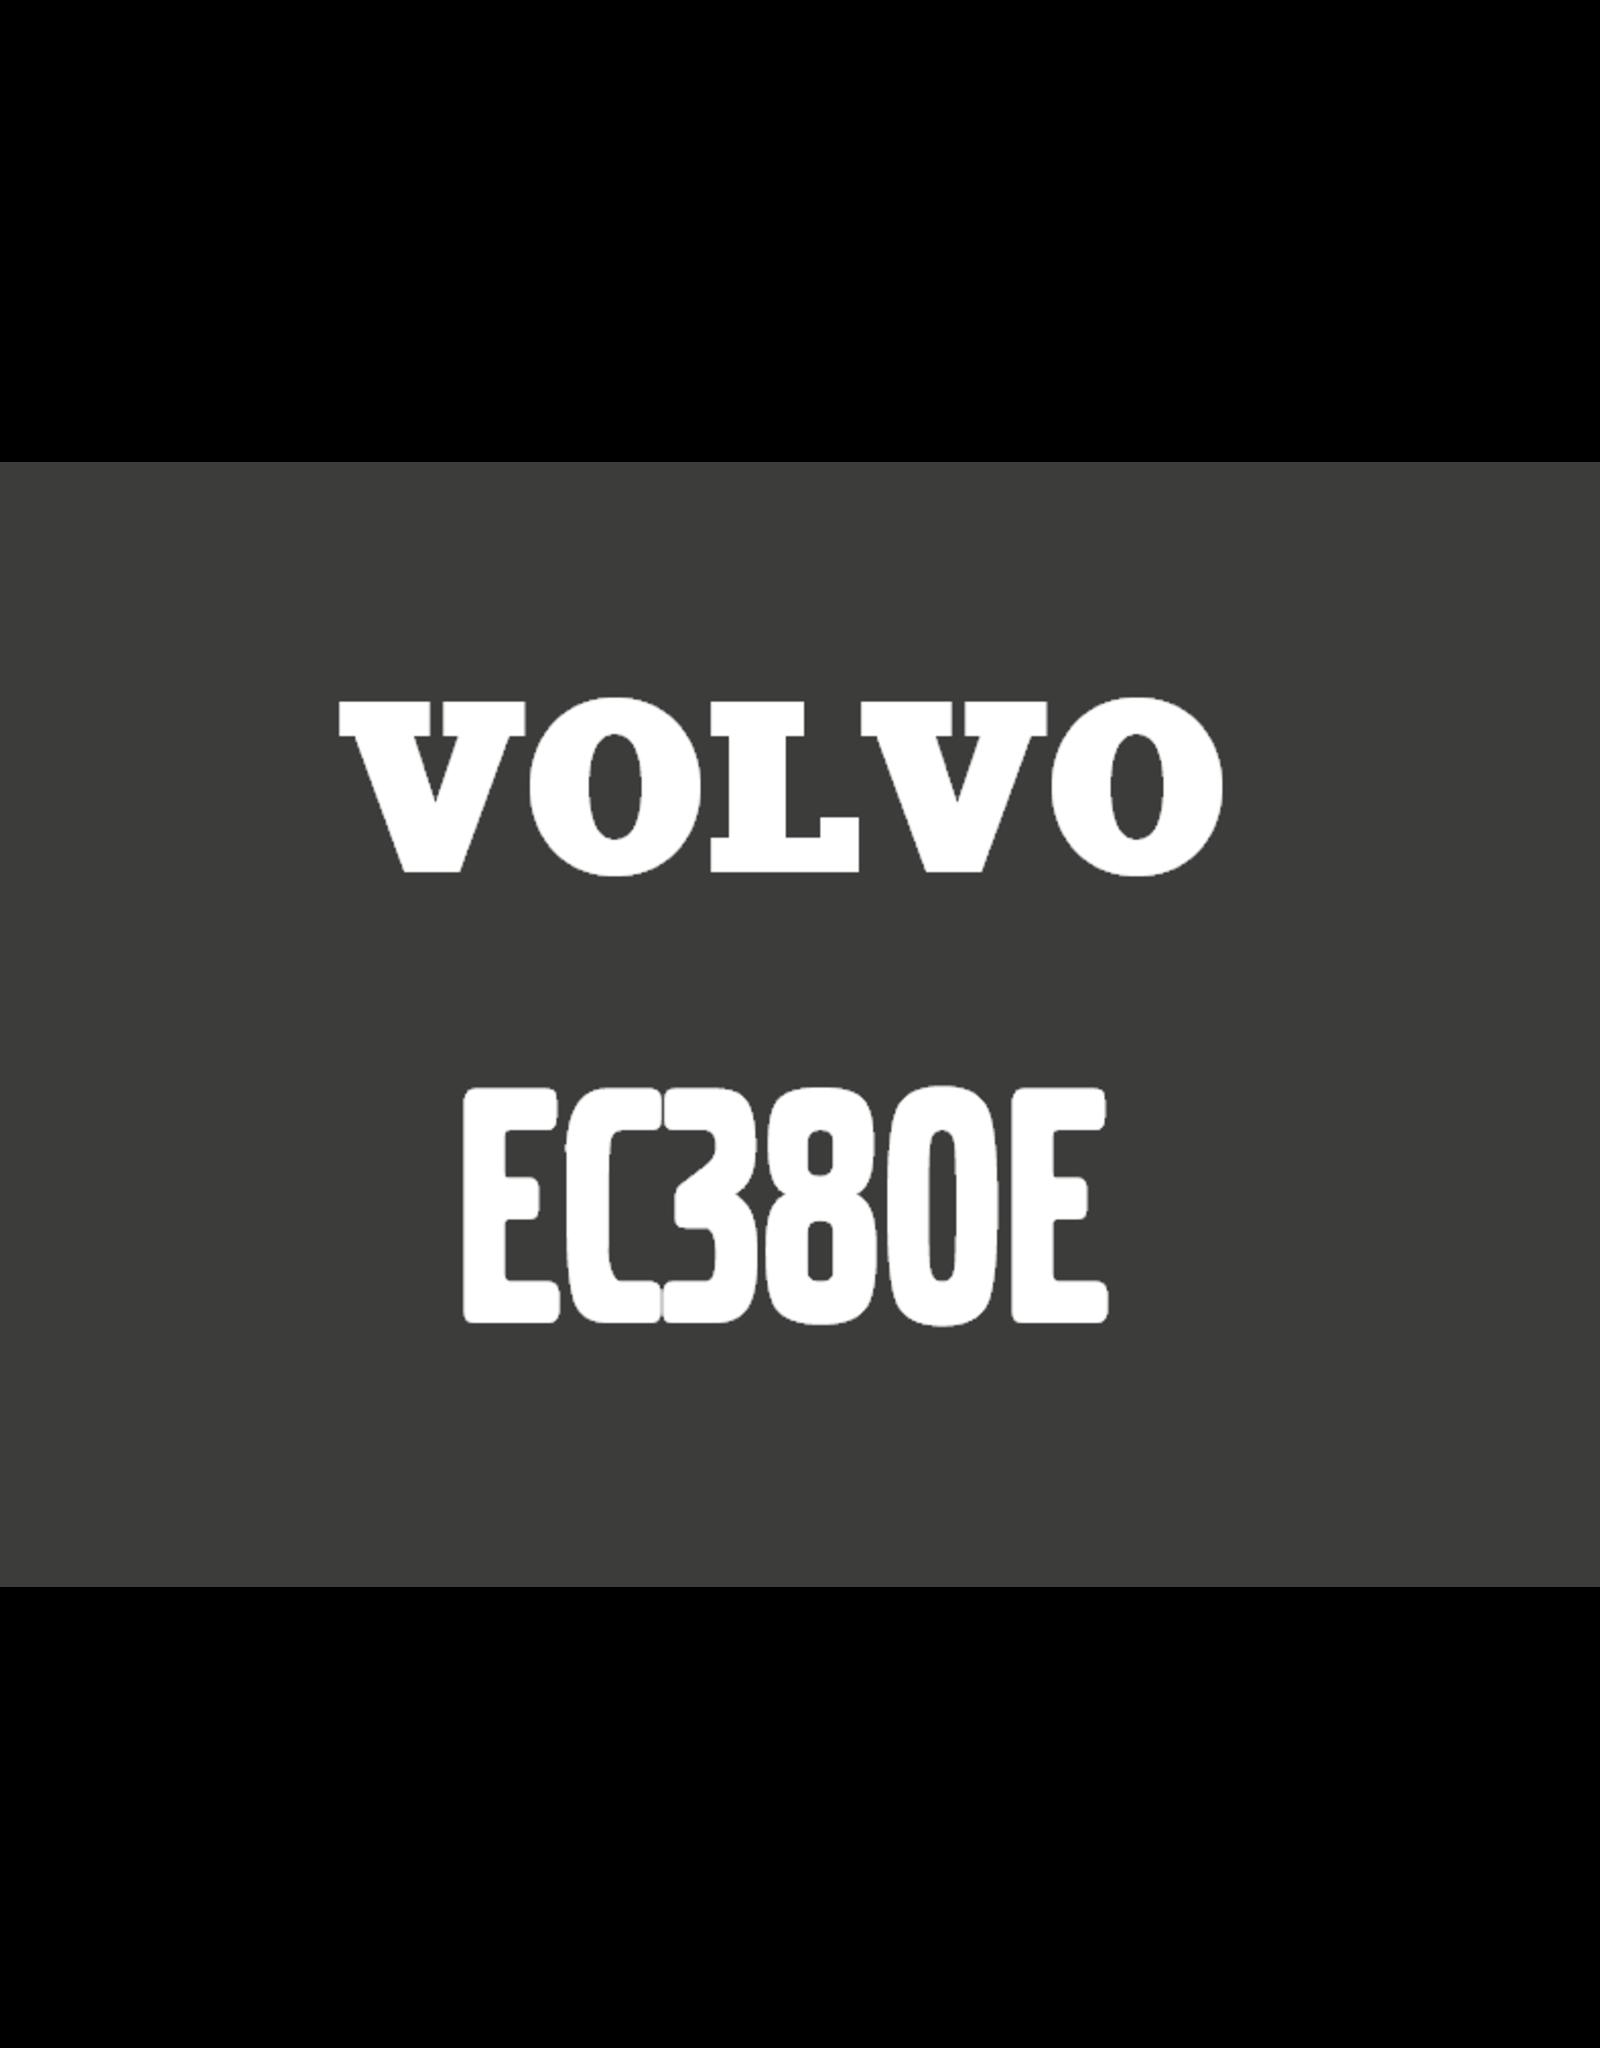 Echle Hartstahl GmbH FOPS for Volvo EC380E